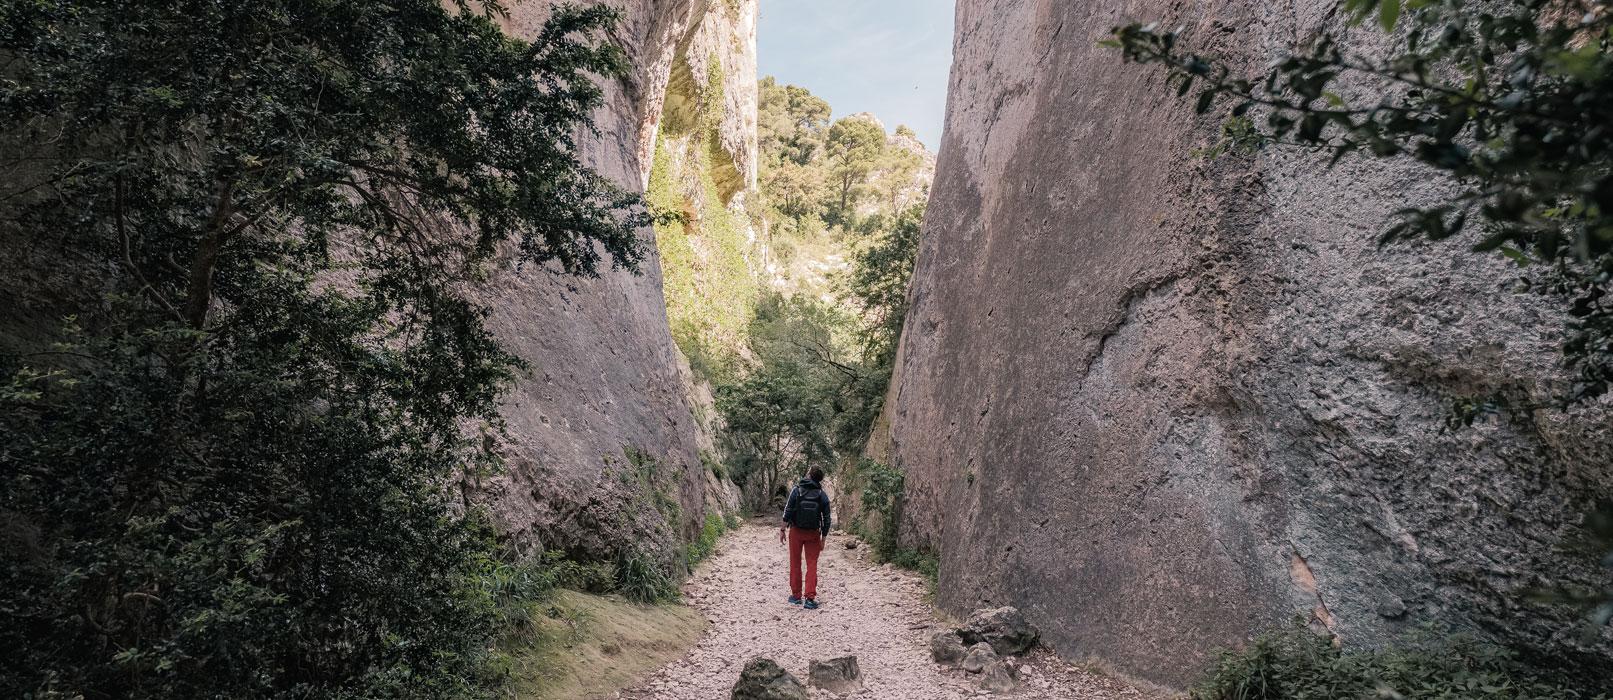 Randonnée à la fraîche dans les gorges du Régalon